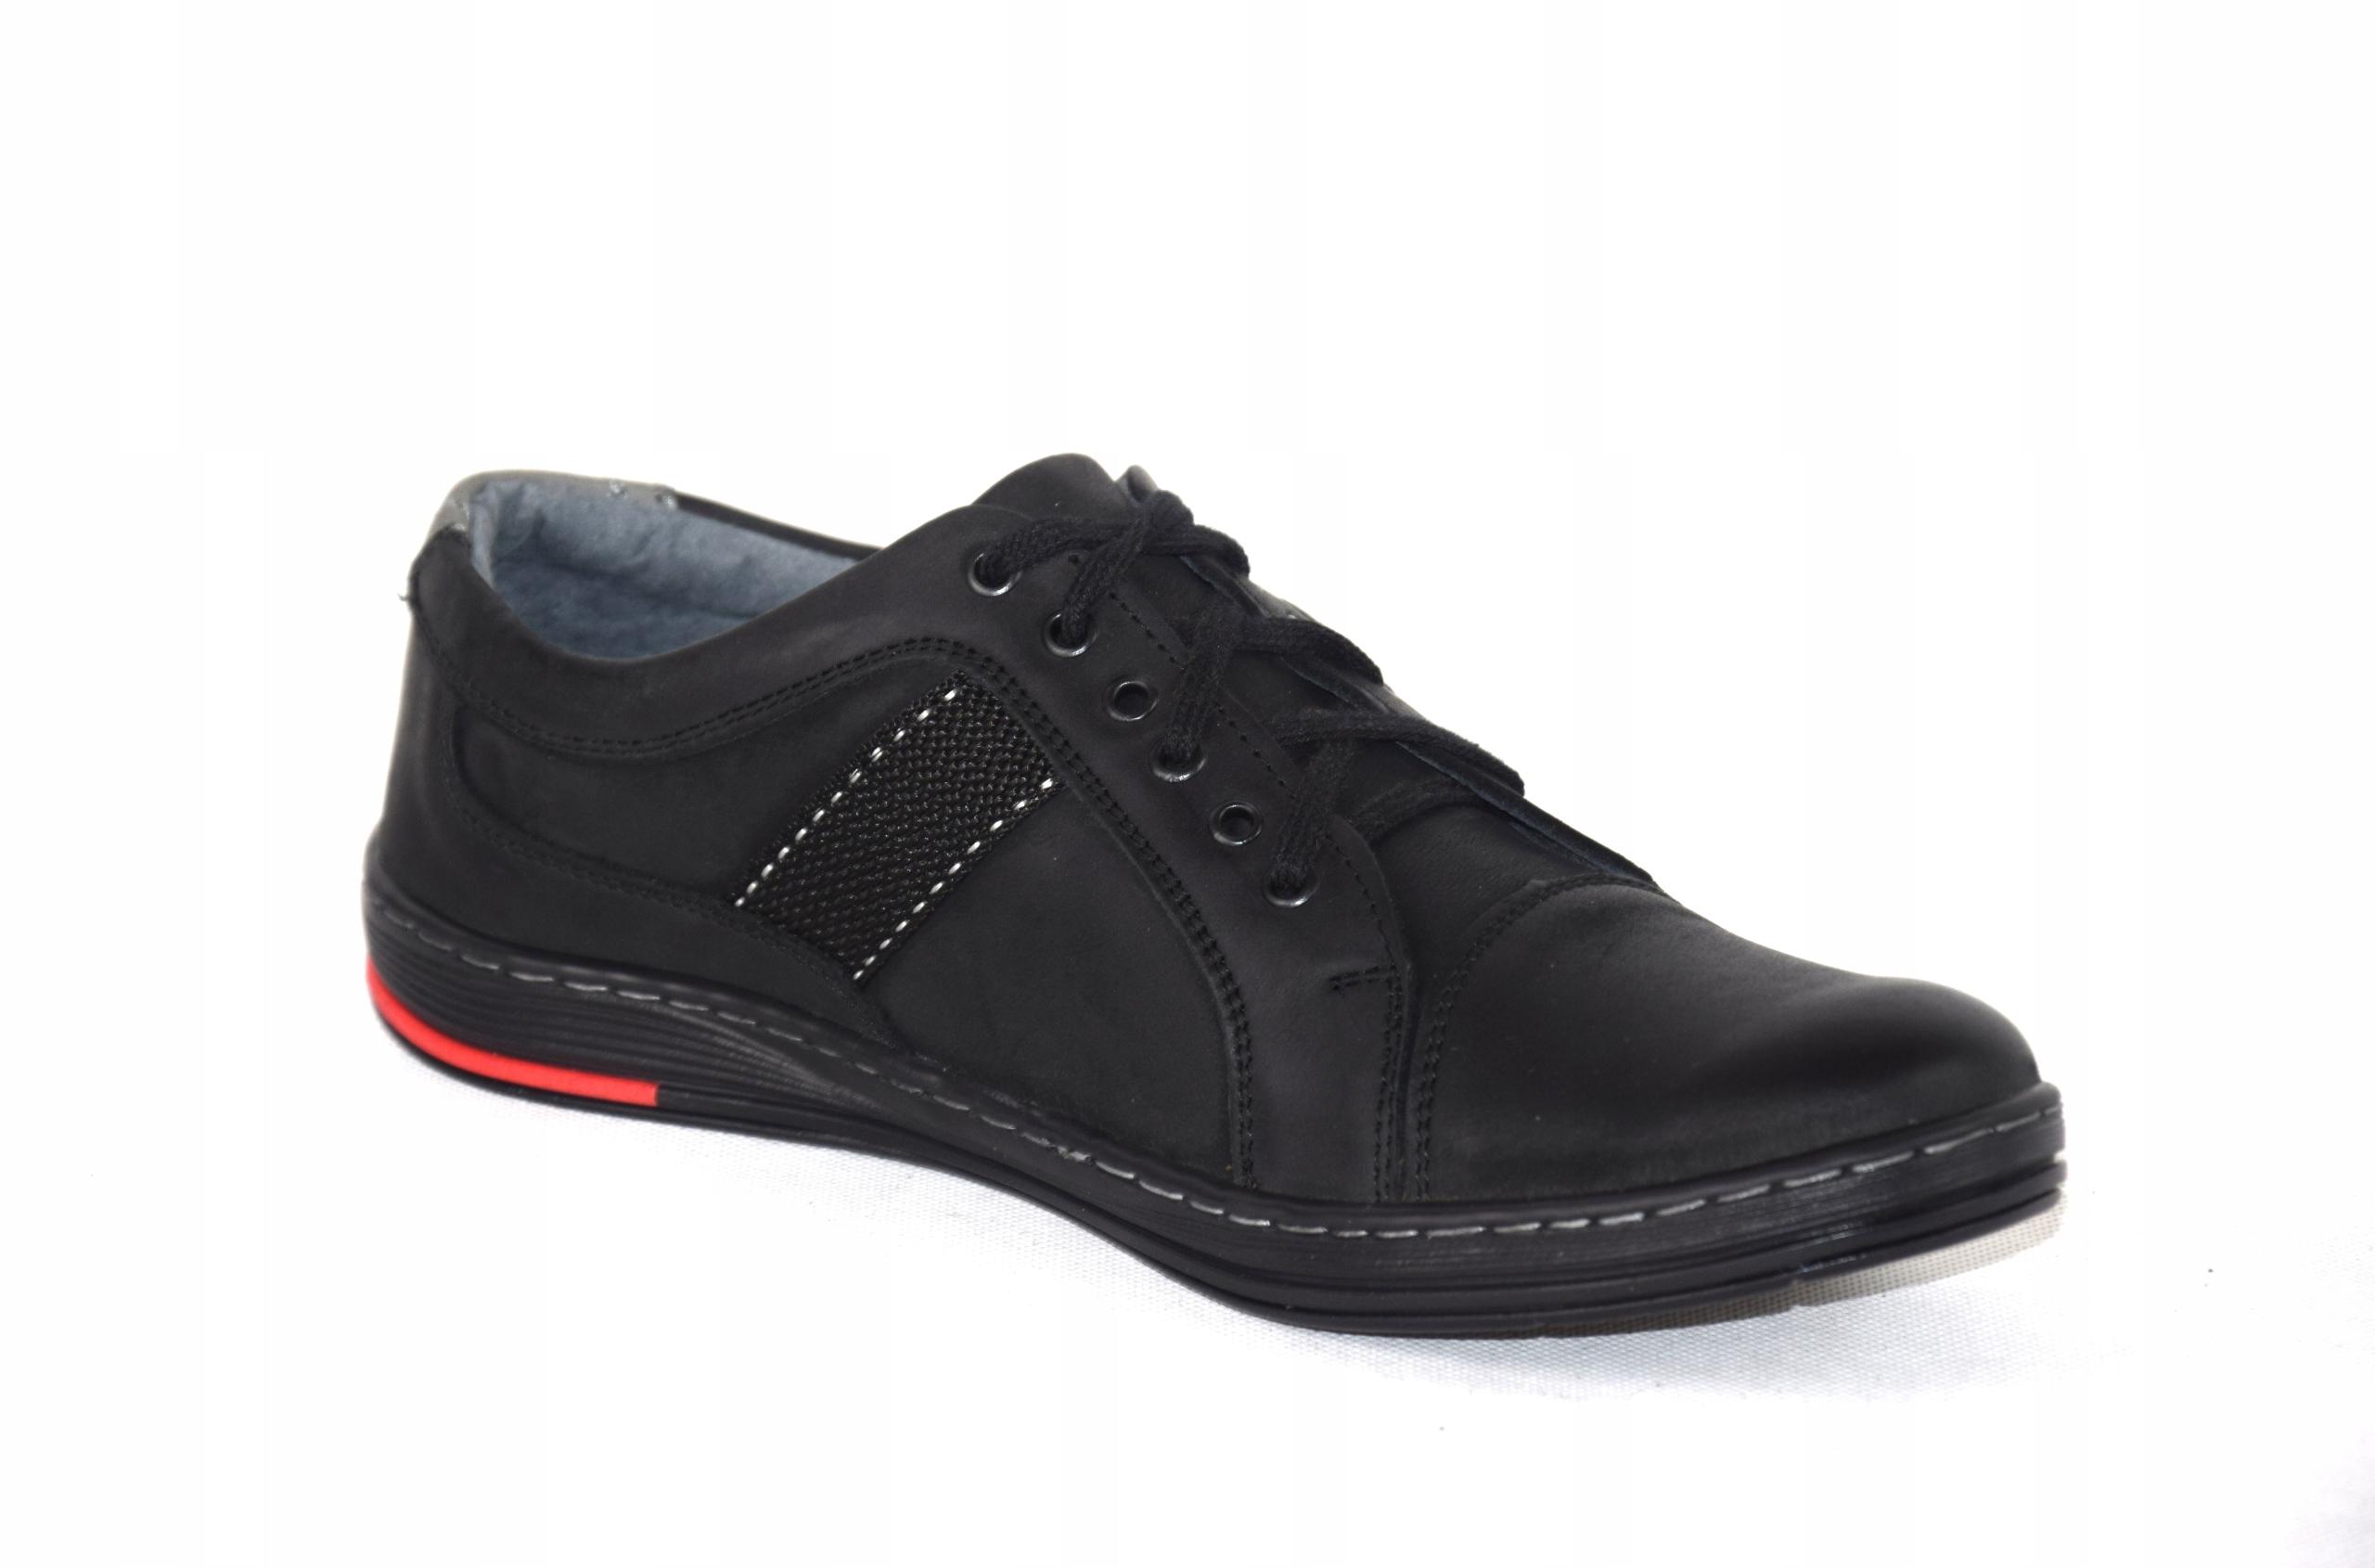 Półbuty czarne trampki skórzane buty polskie A238 Marka inna